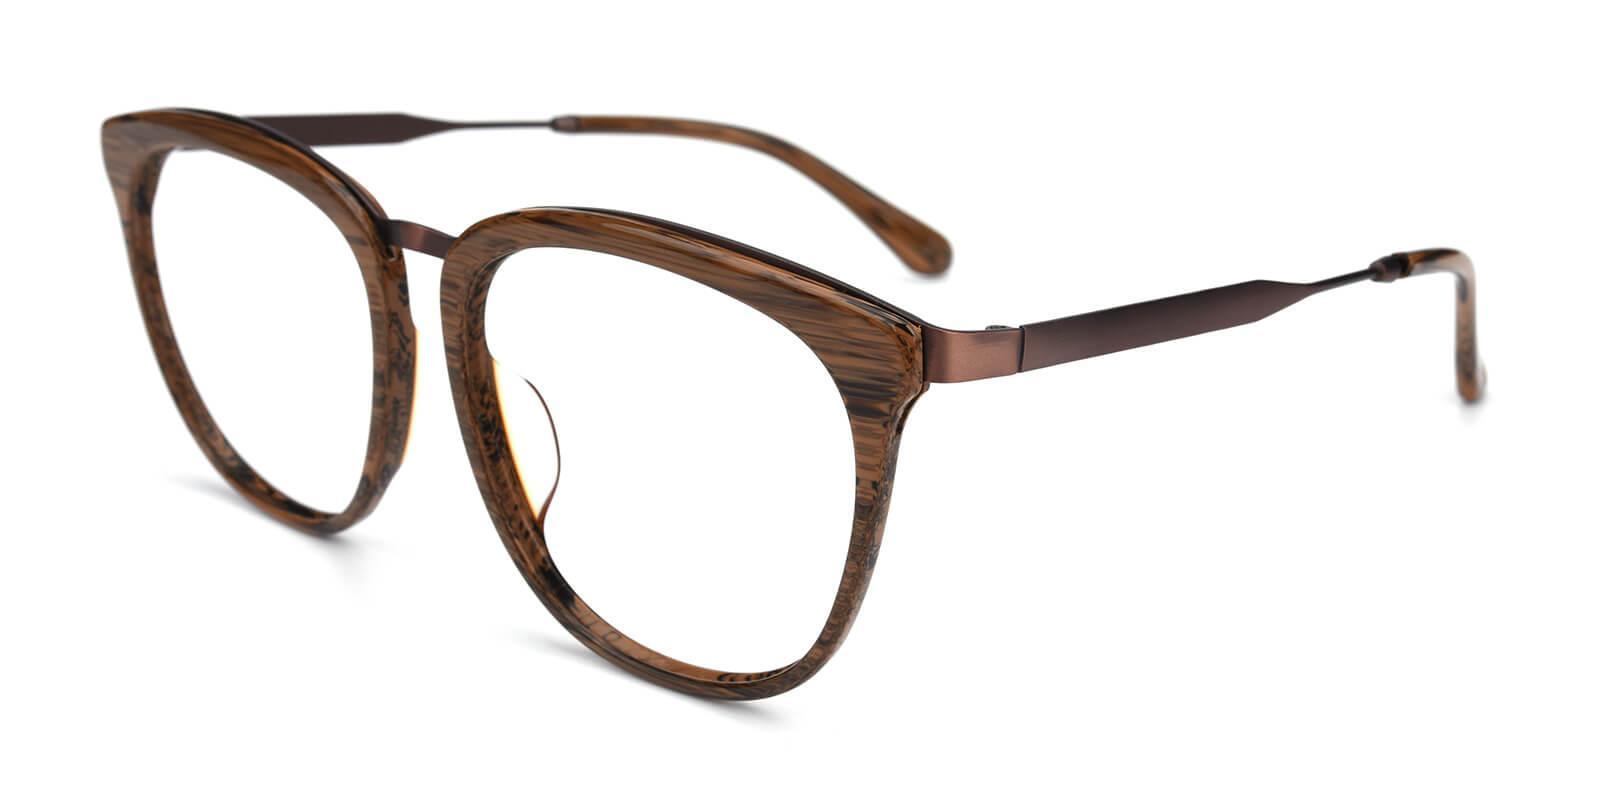 Grain-Brown-Square-Acetate / Metal-Eyeglasses-additional1